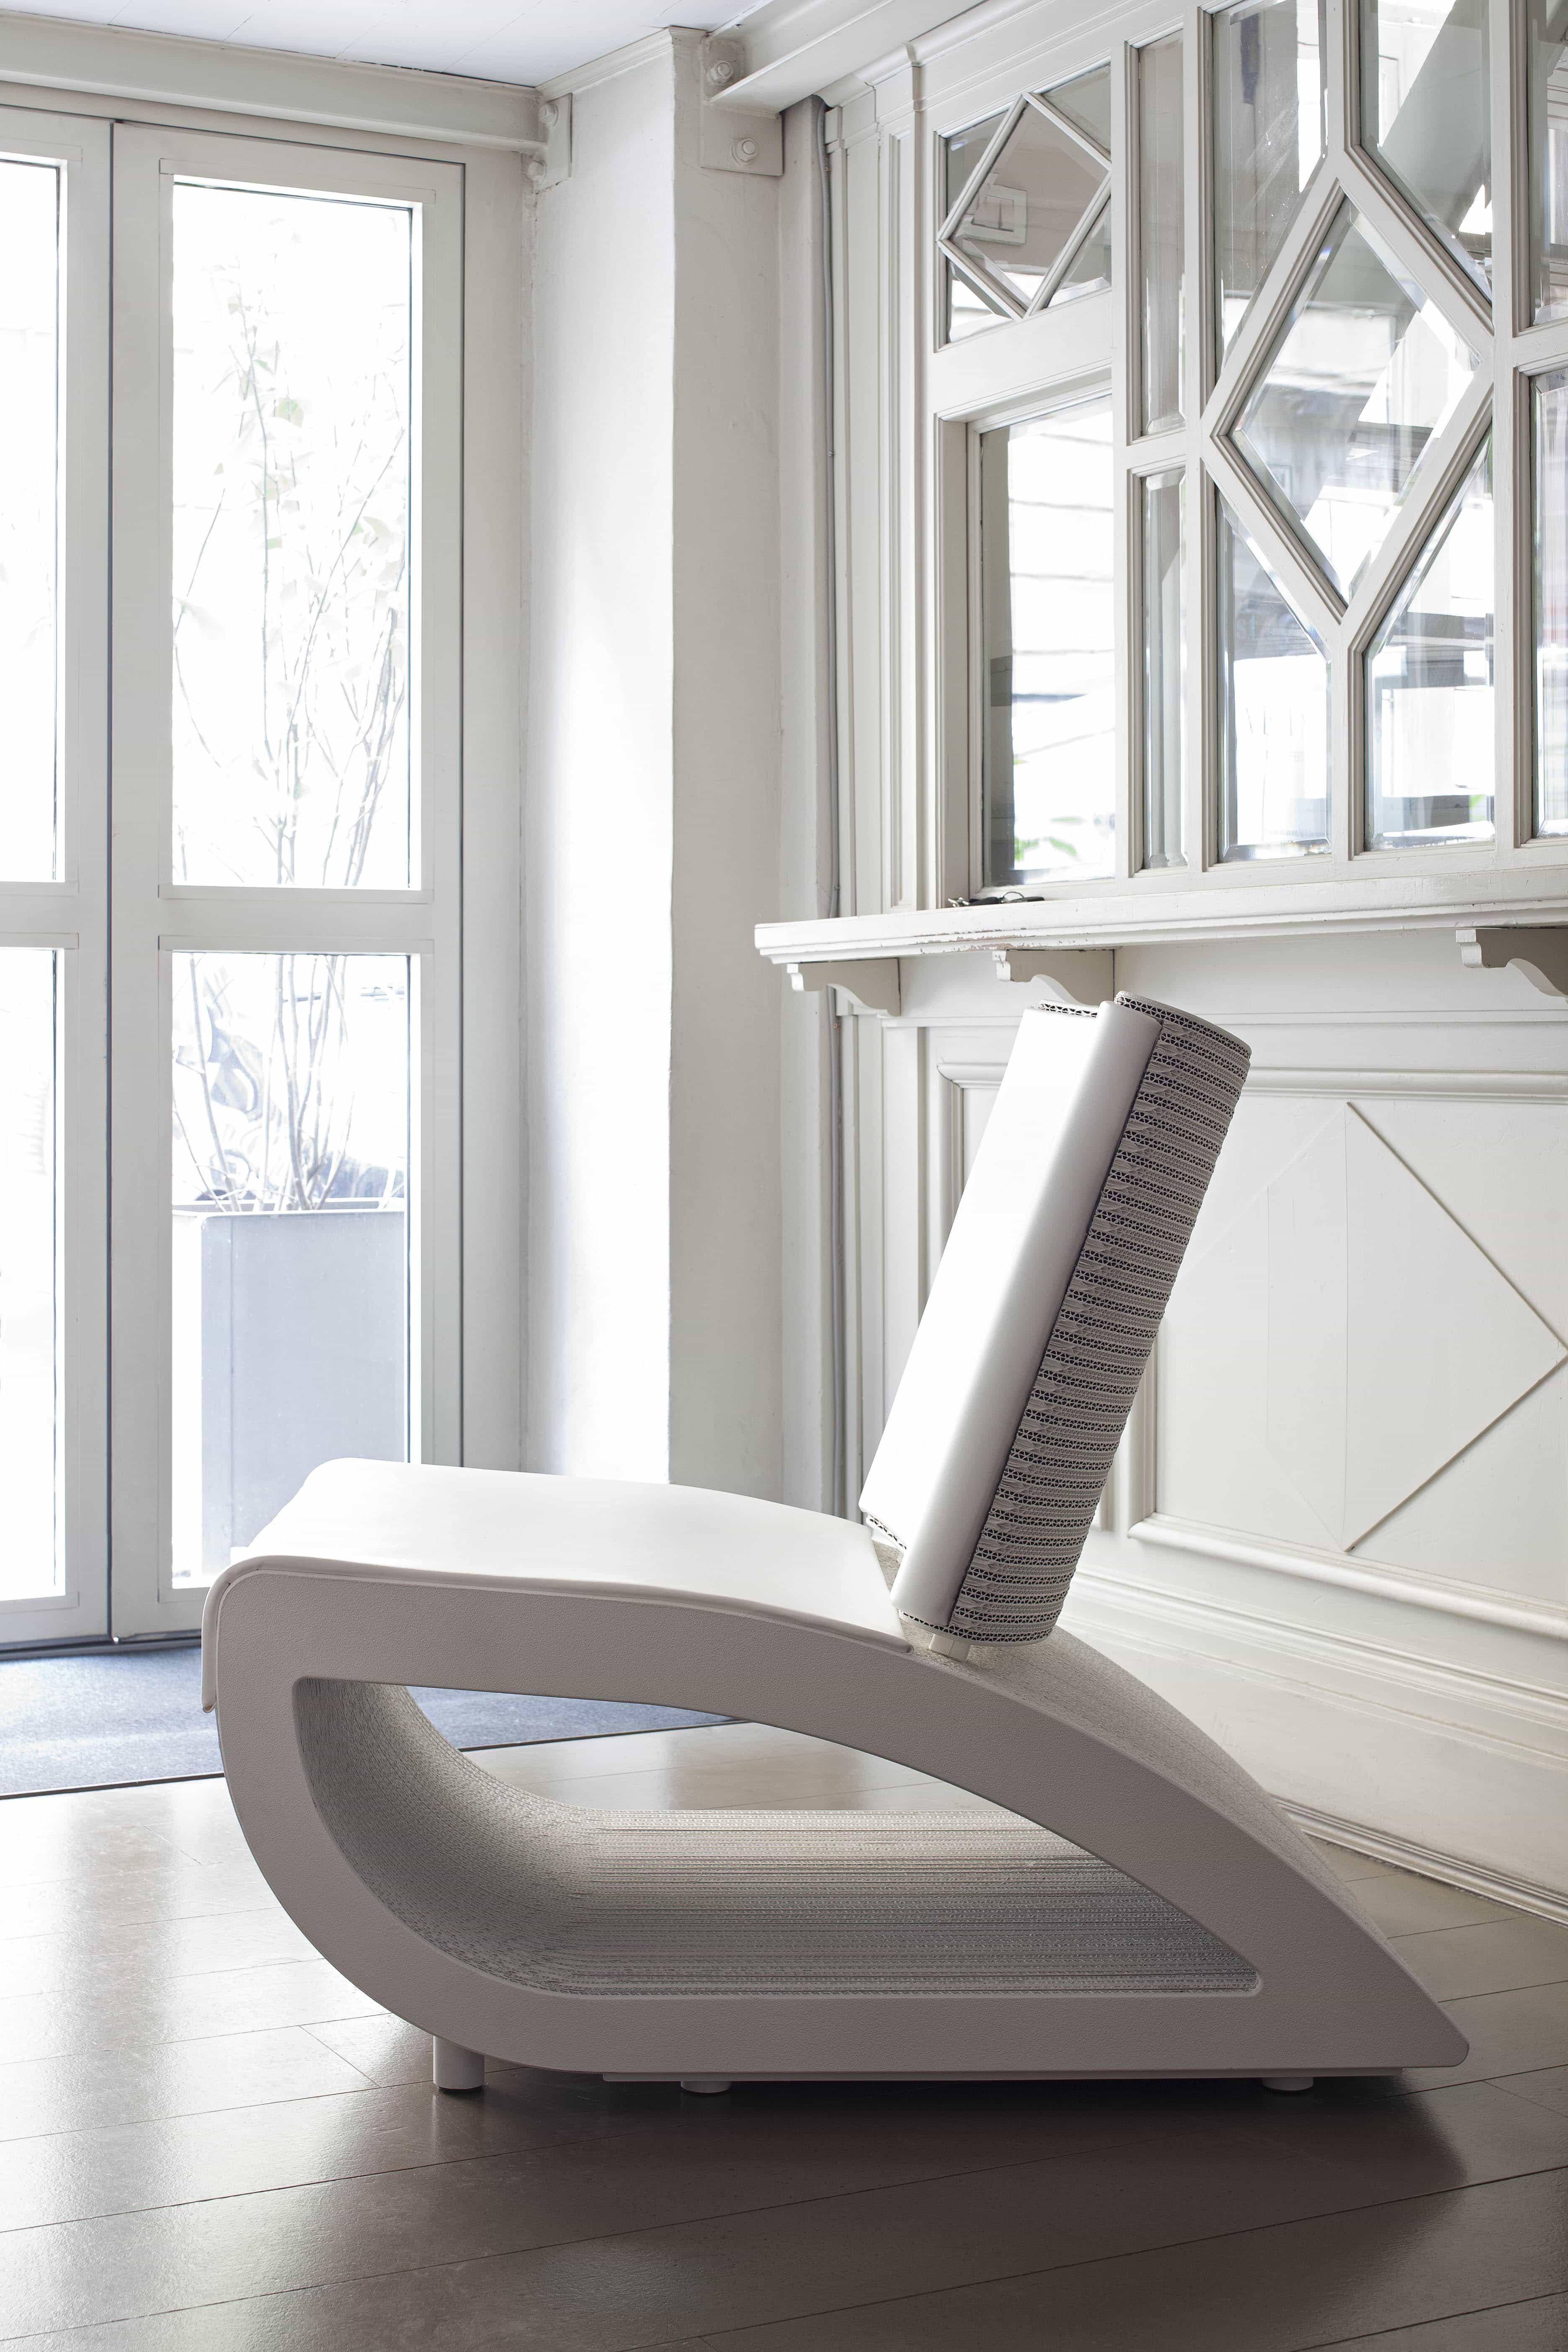 Dall incontro tra creativit e contemporaneit nasce un for Concetto di design moderno bungalow